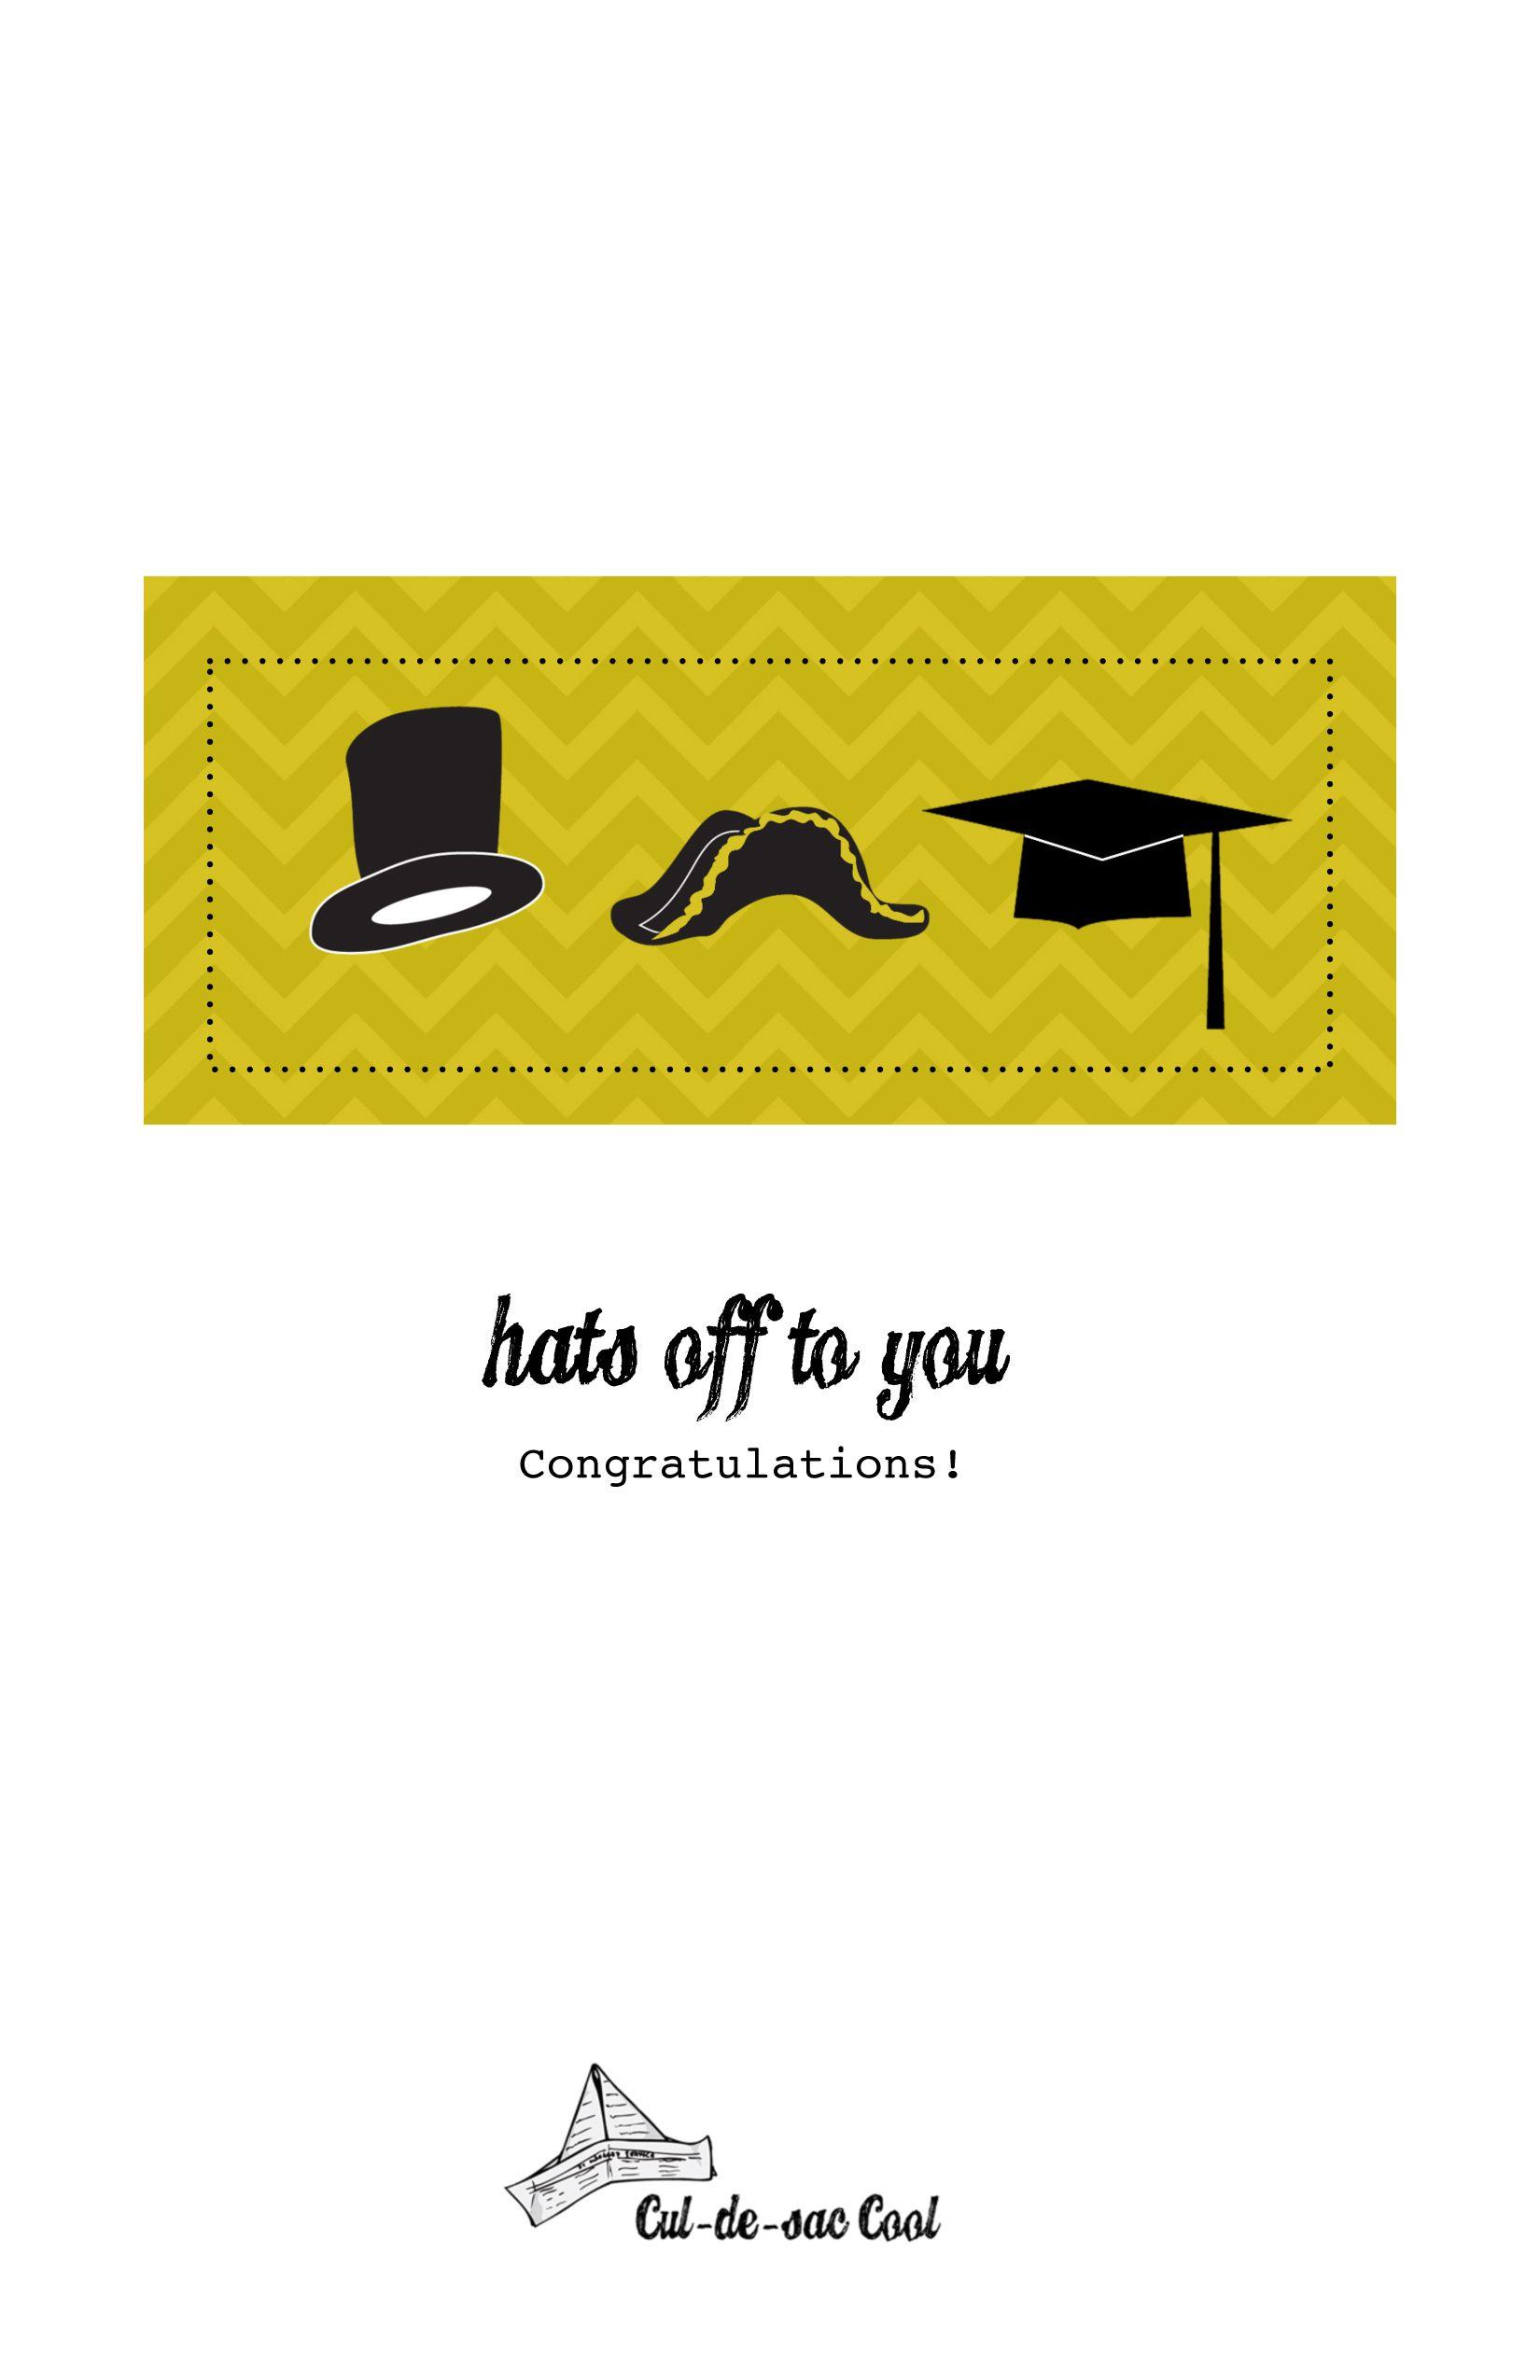 17+ images about graduation on Pinterest   Graduation photos ...